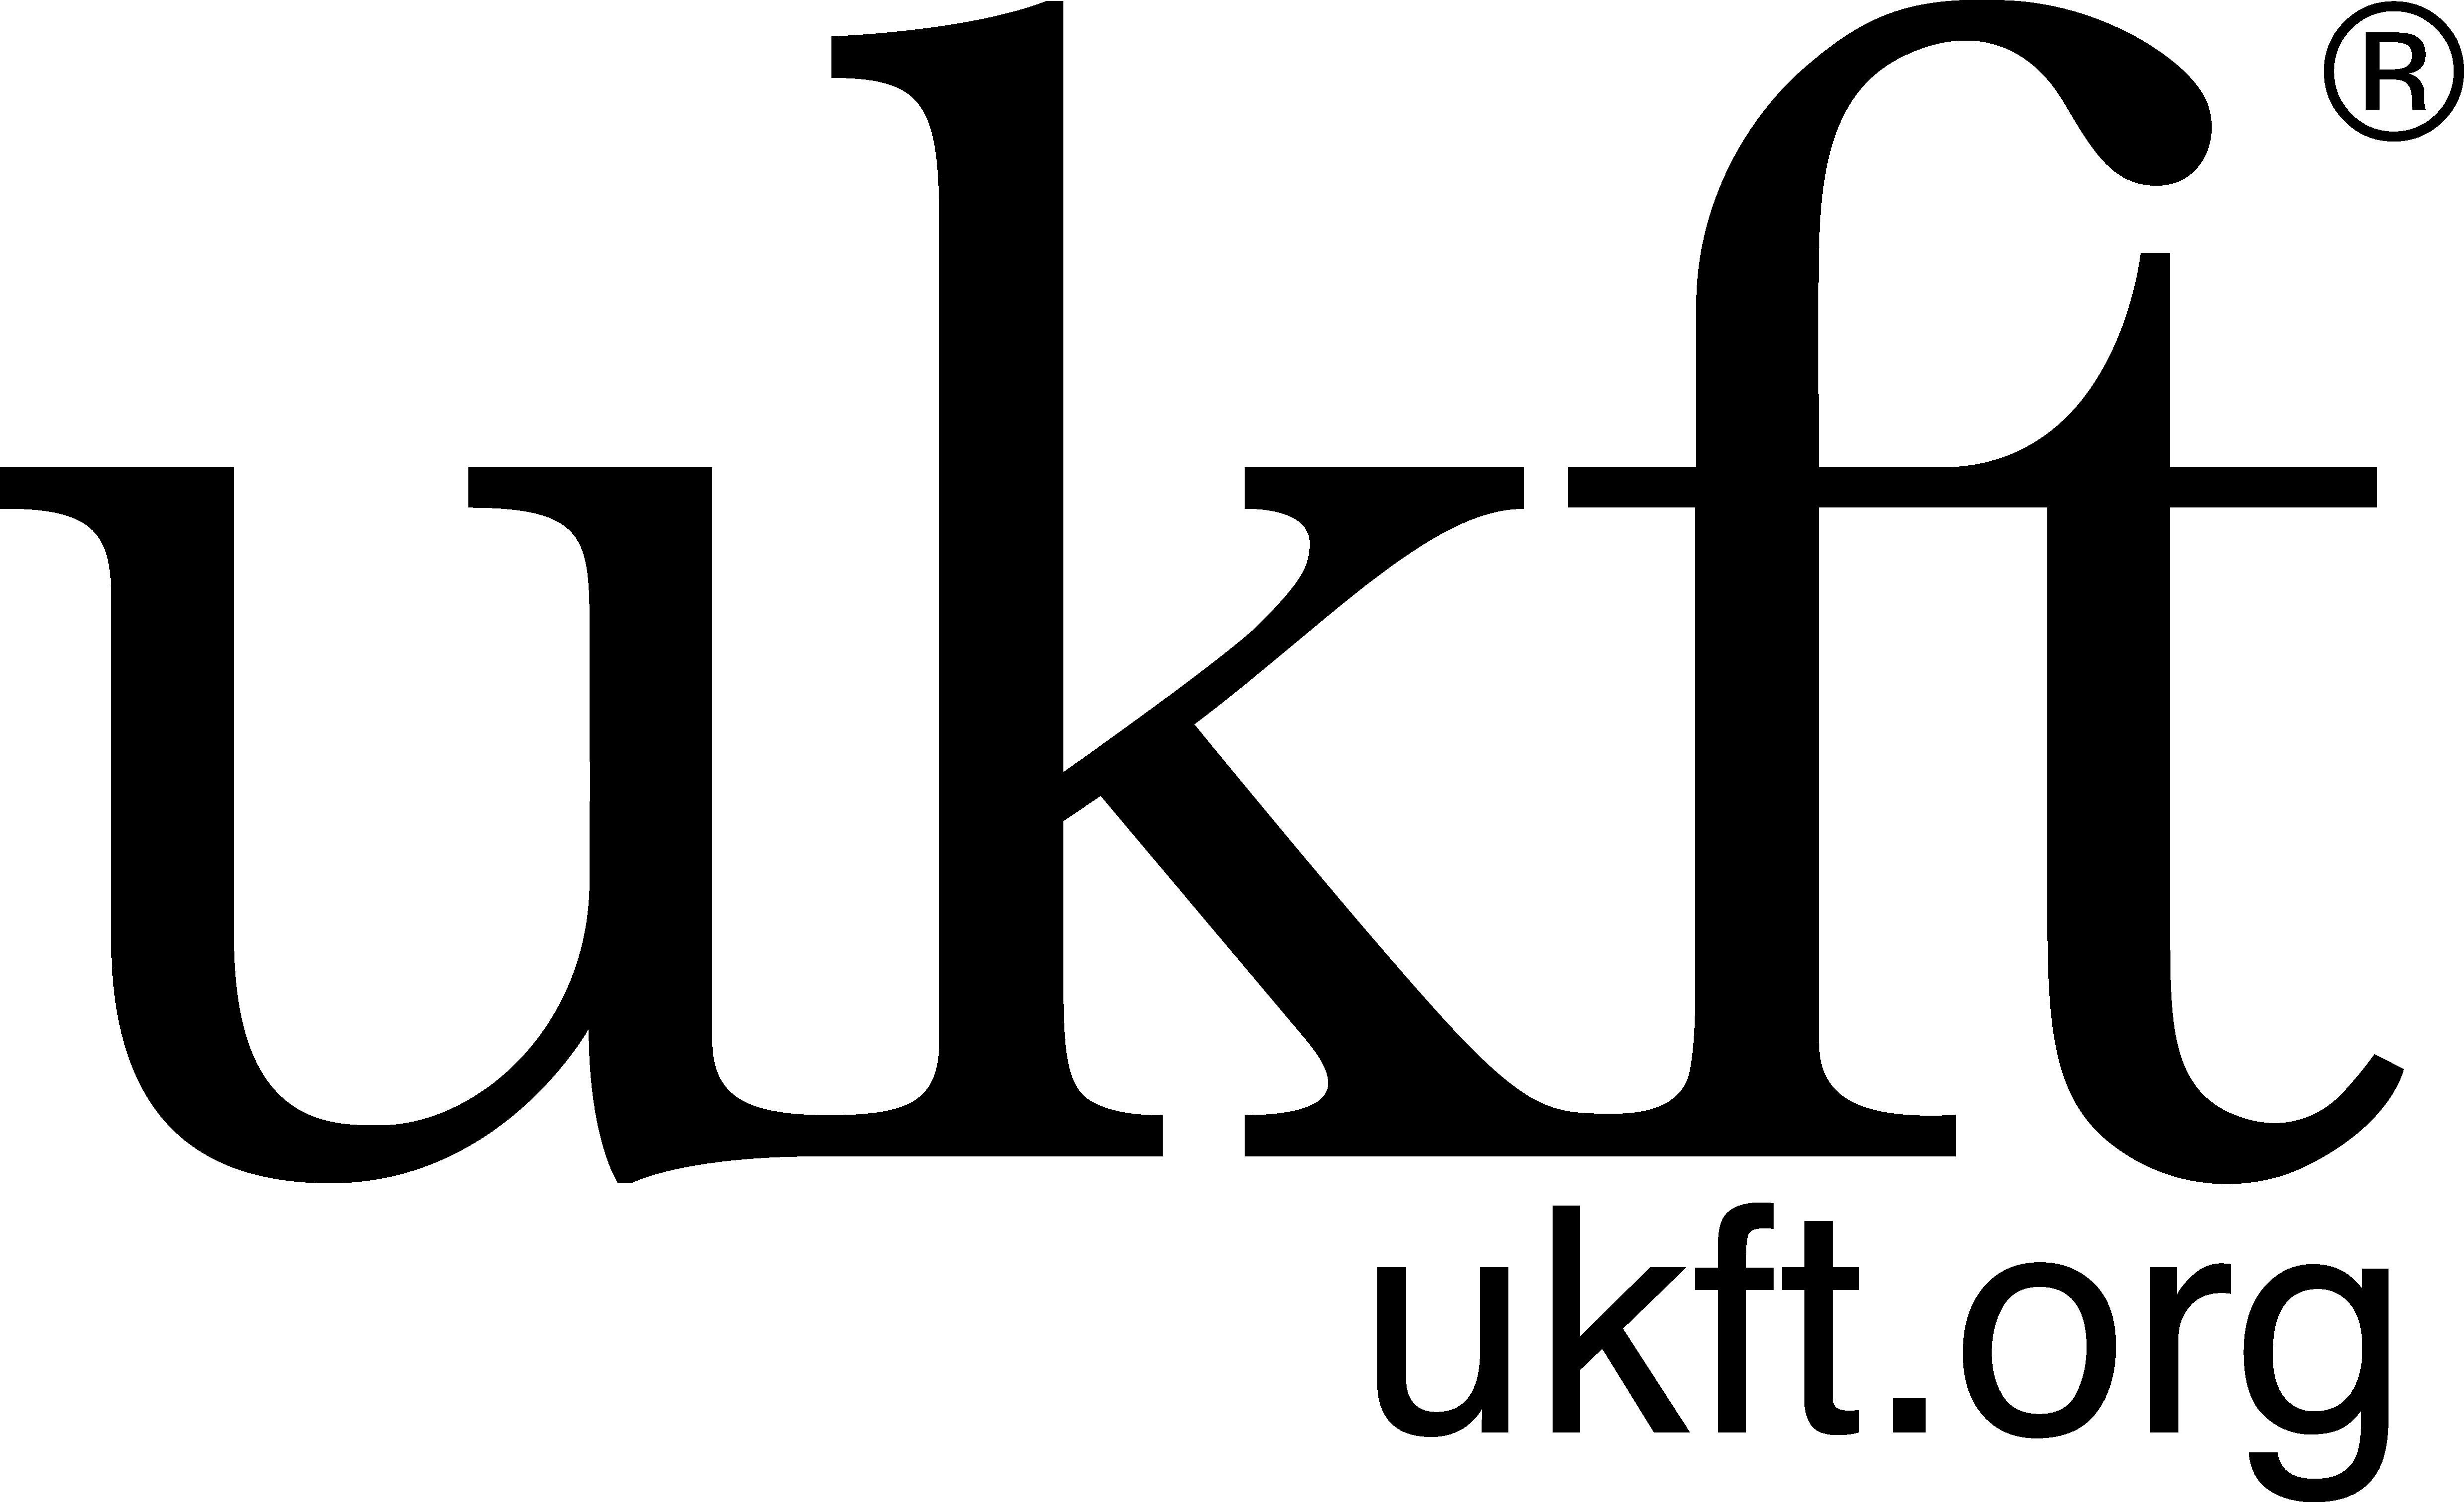 UKFT.org